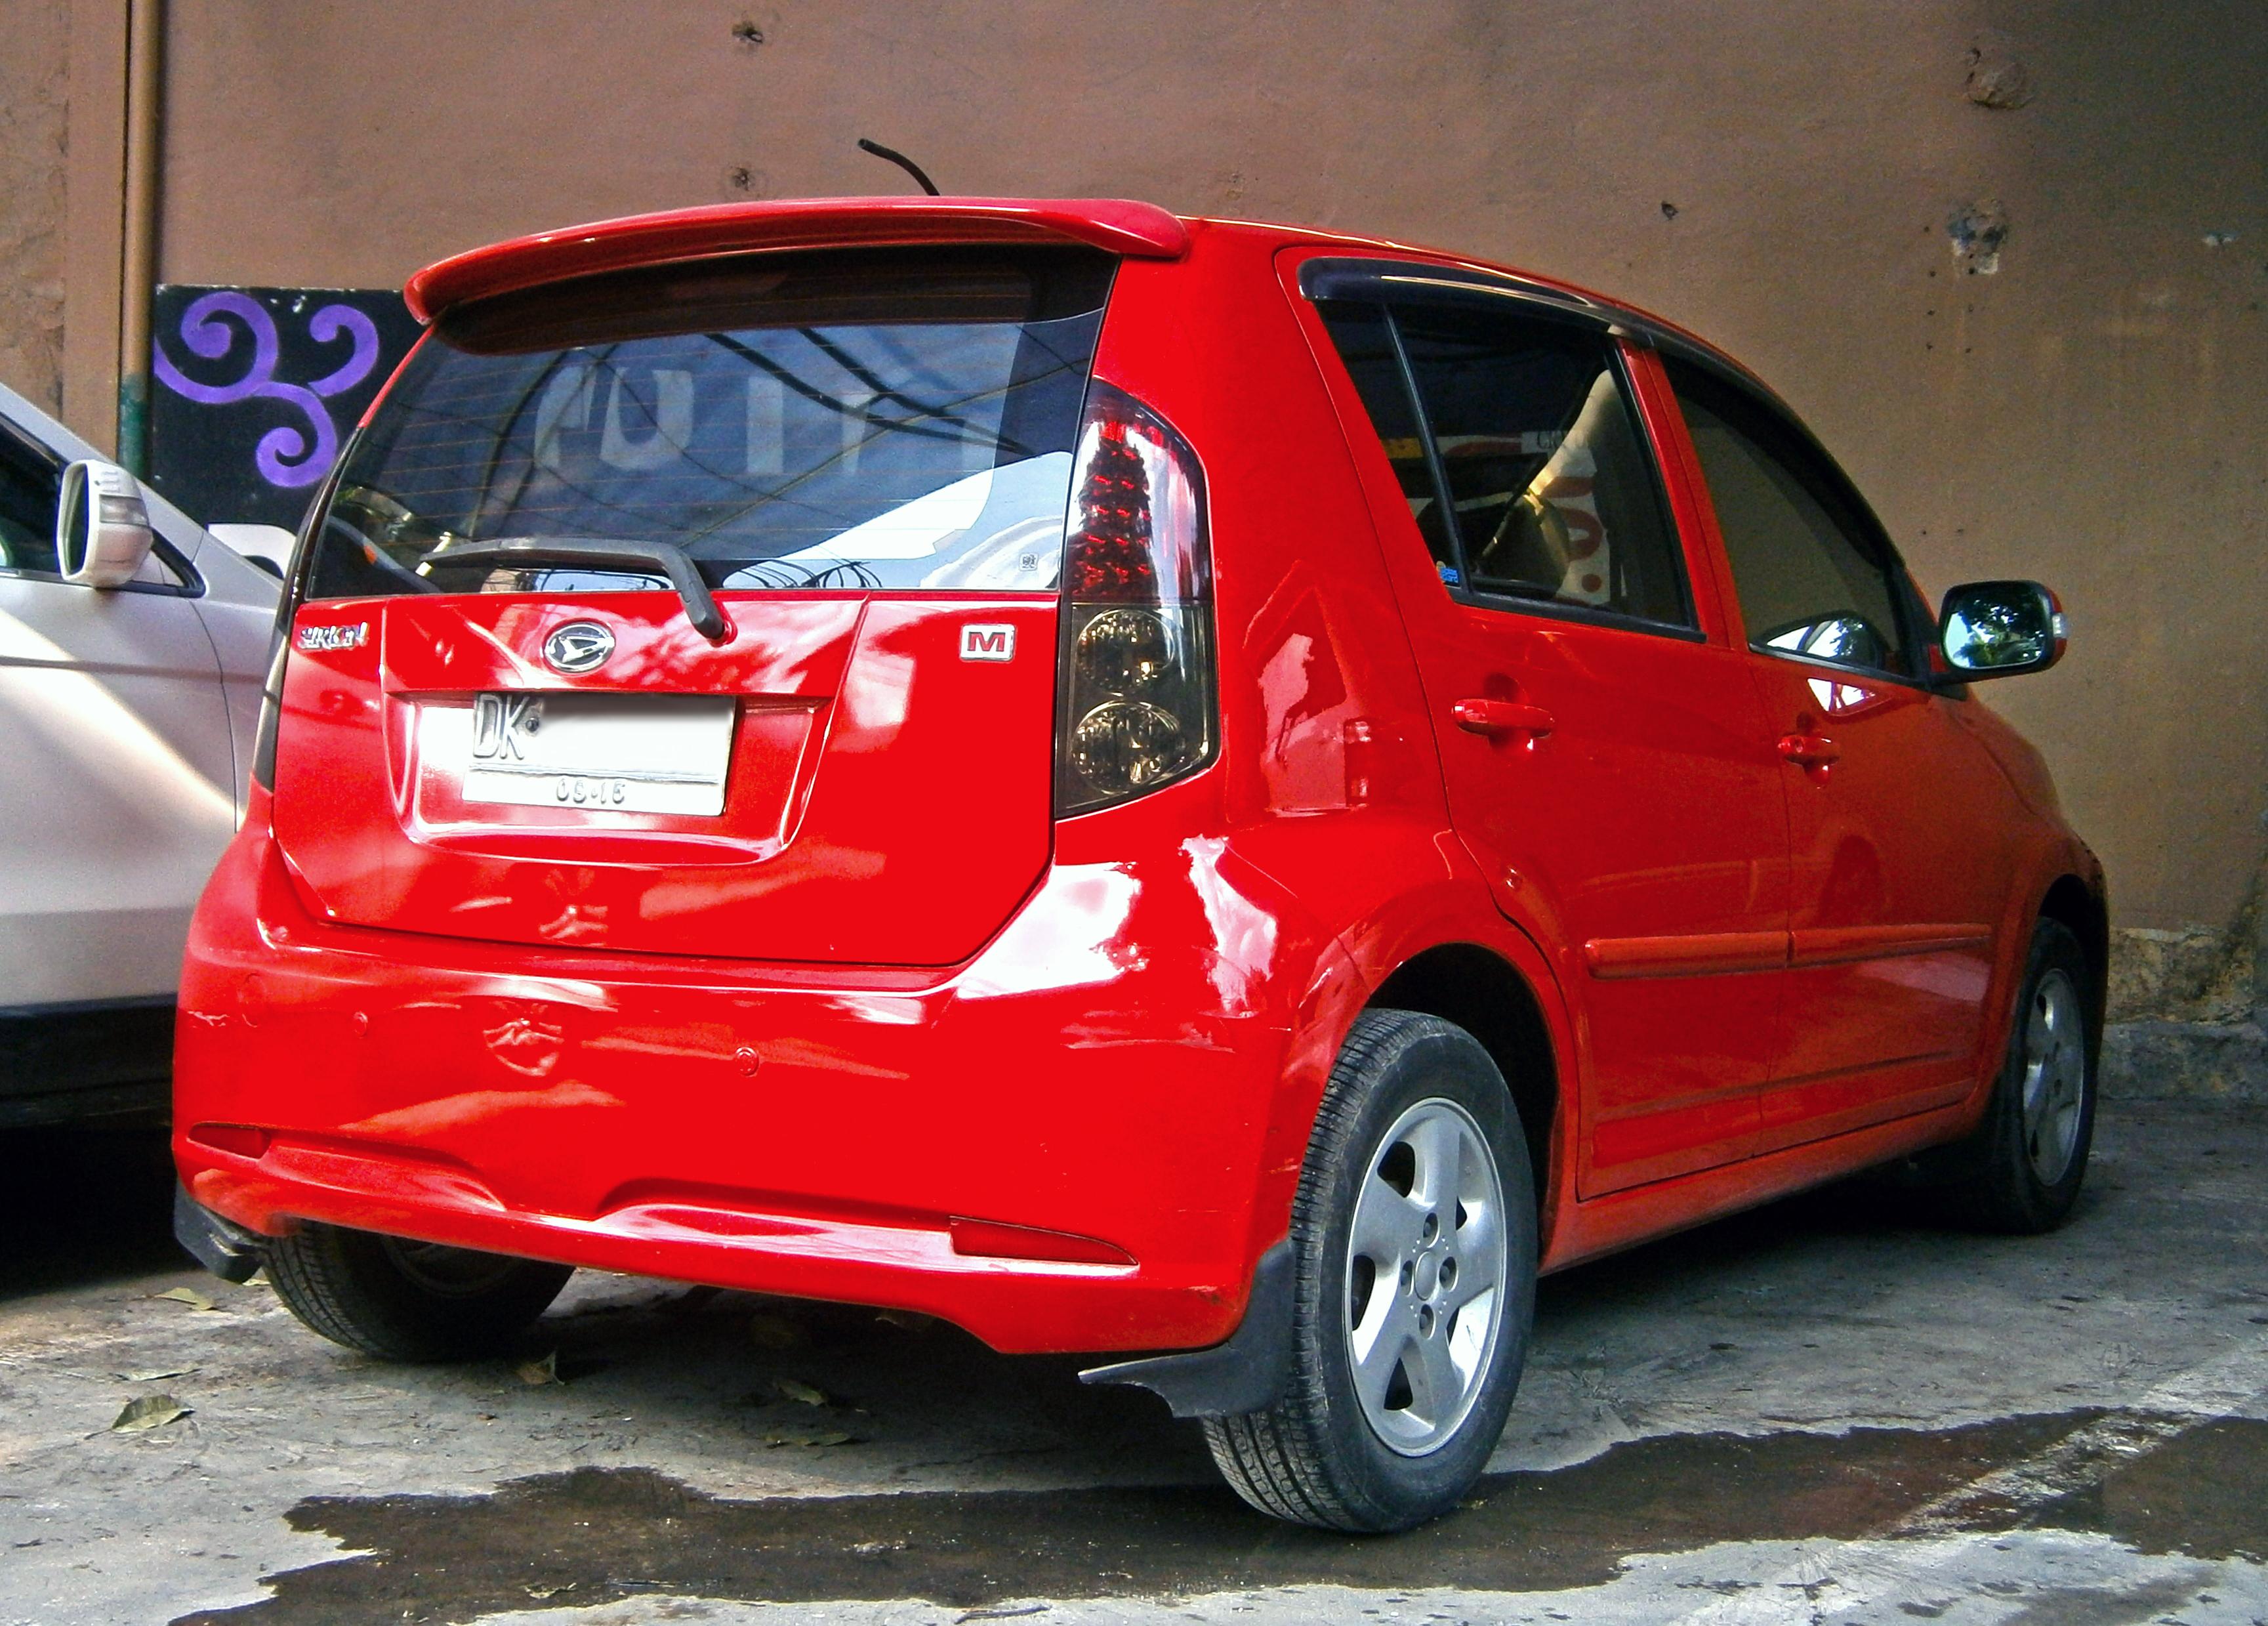 Daihatsu Yrv 10 I 12v 64 Hp Turbo Wiring Diagram Resimleri 39